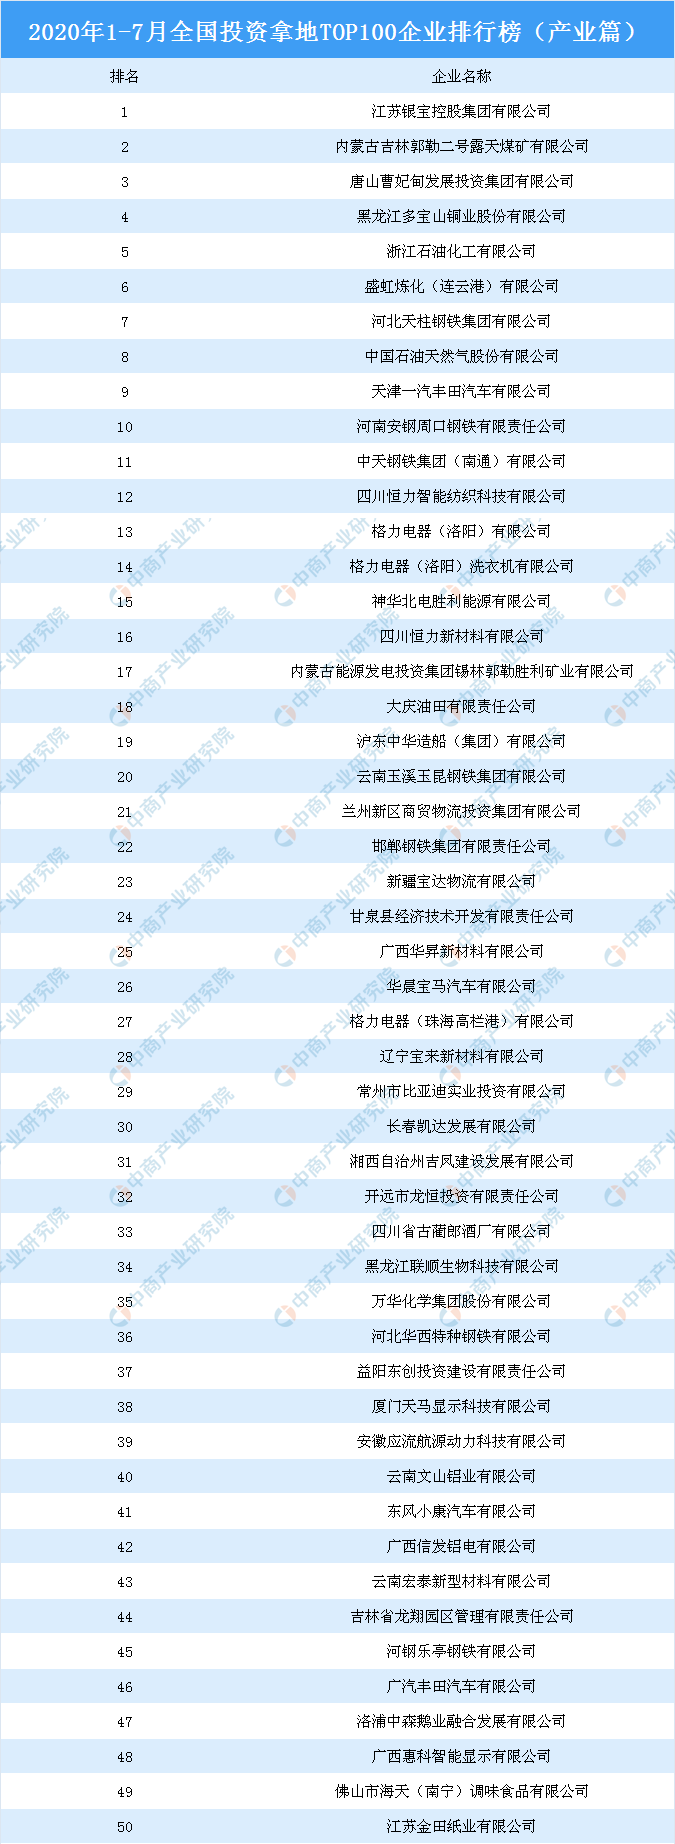 产业地产投资情报:2020年1-7月全国投资拿地TOP100企业排行榜(产业篇)